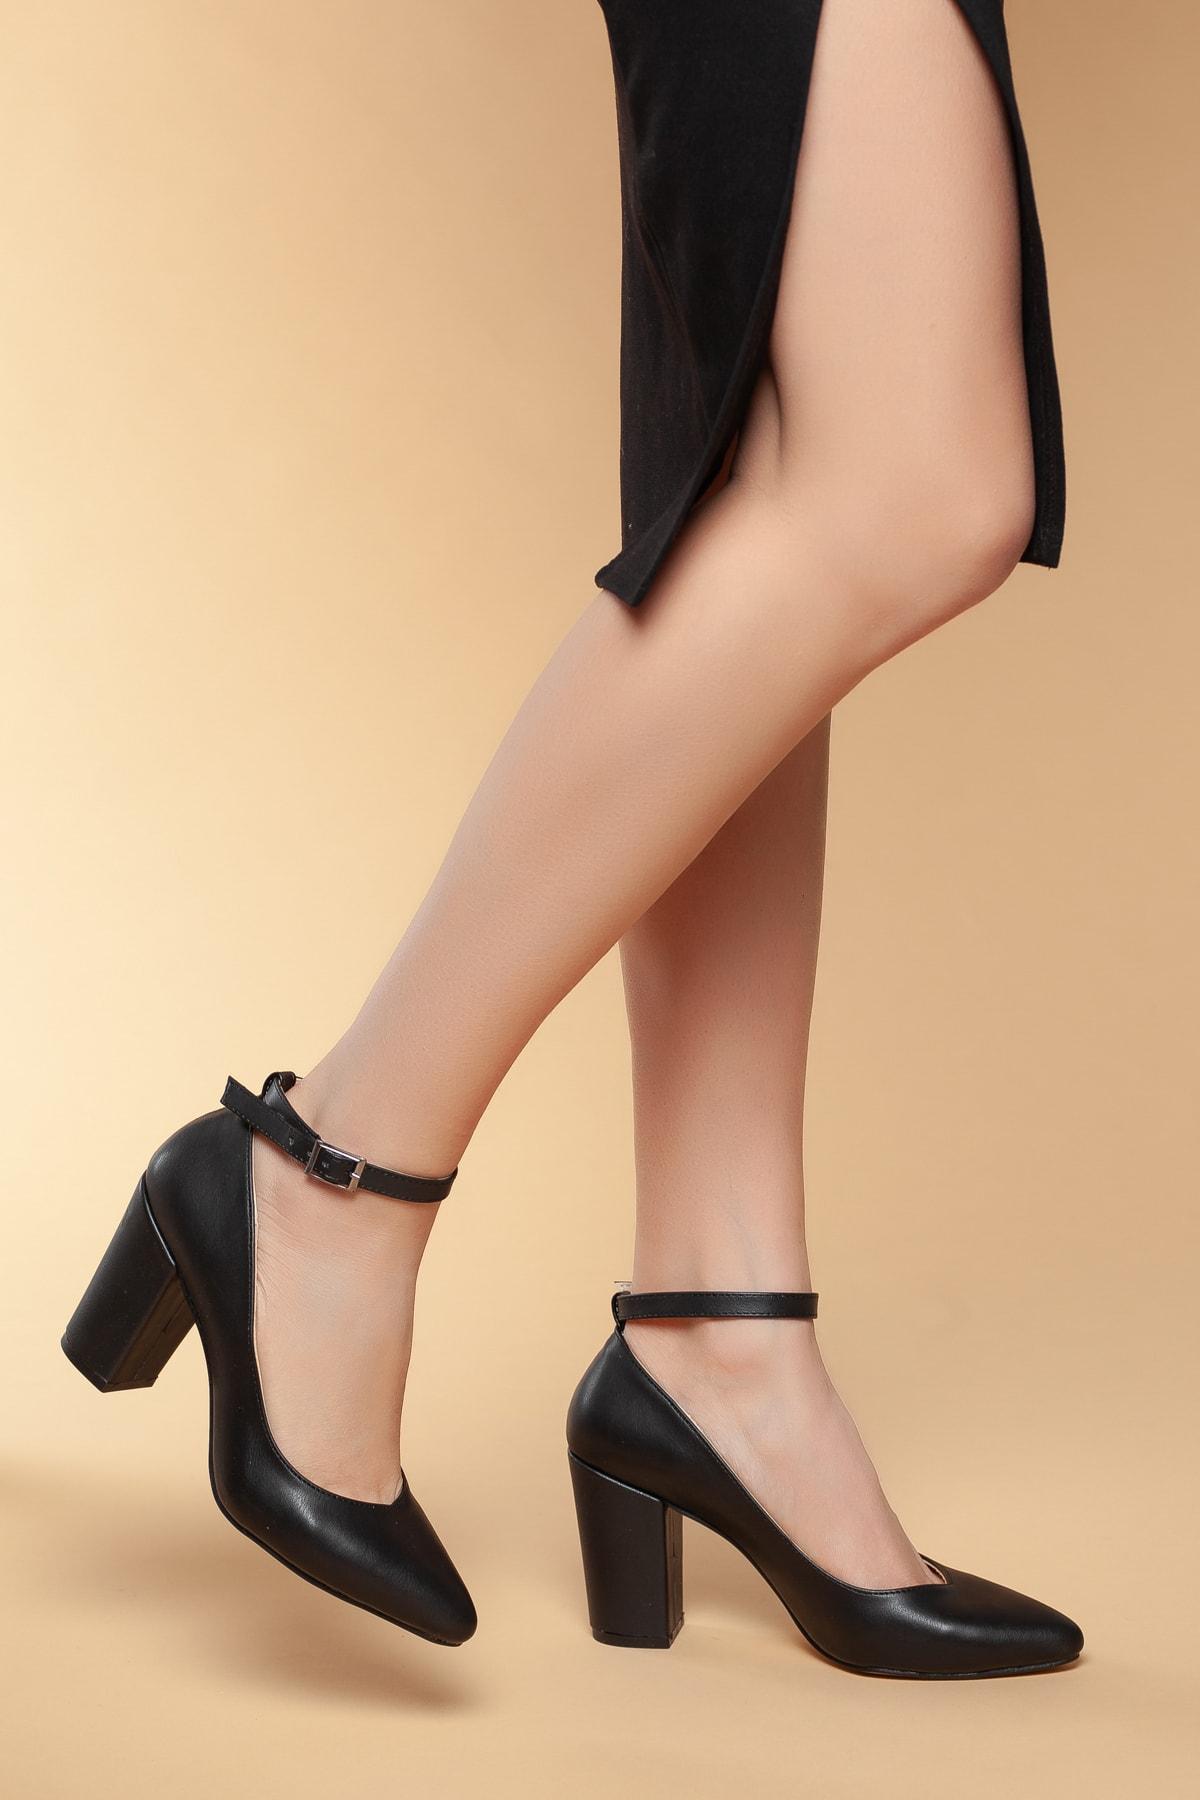 Daxtors Siyah Kadın Klasik Topuklu Ayakkabı DXTRSWMNYK715 1